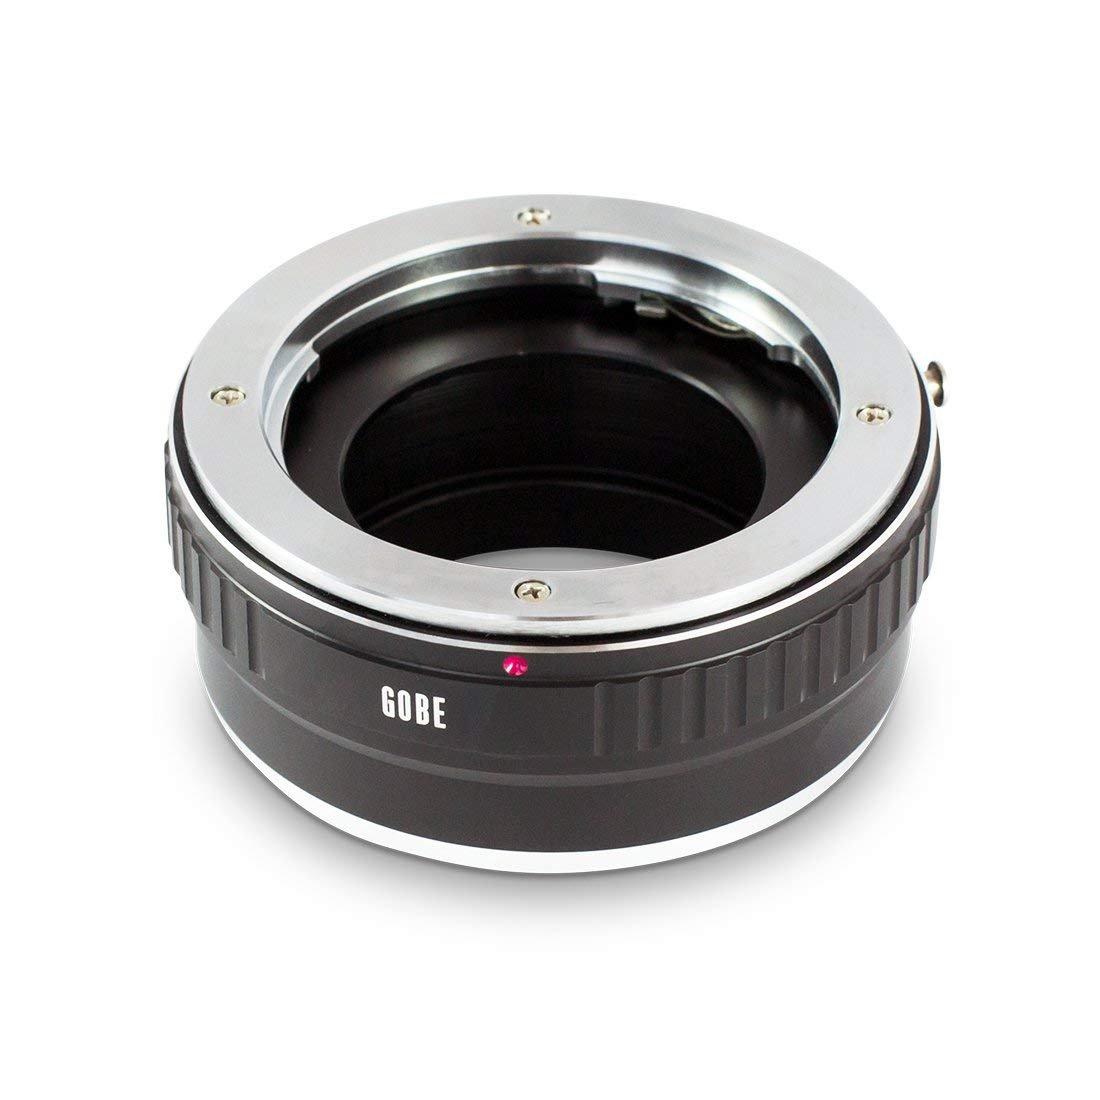 Bague dadaptation pour objectifs Compatible avec Les objectifs Olympus de Gamme Om et Les bo/îtiers Fujifilm de Gamme X Gobe